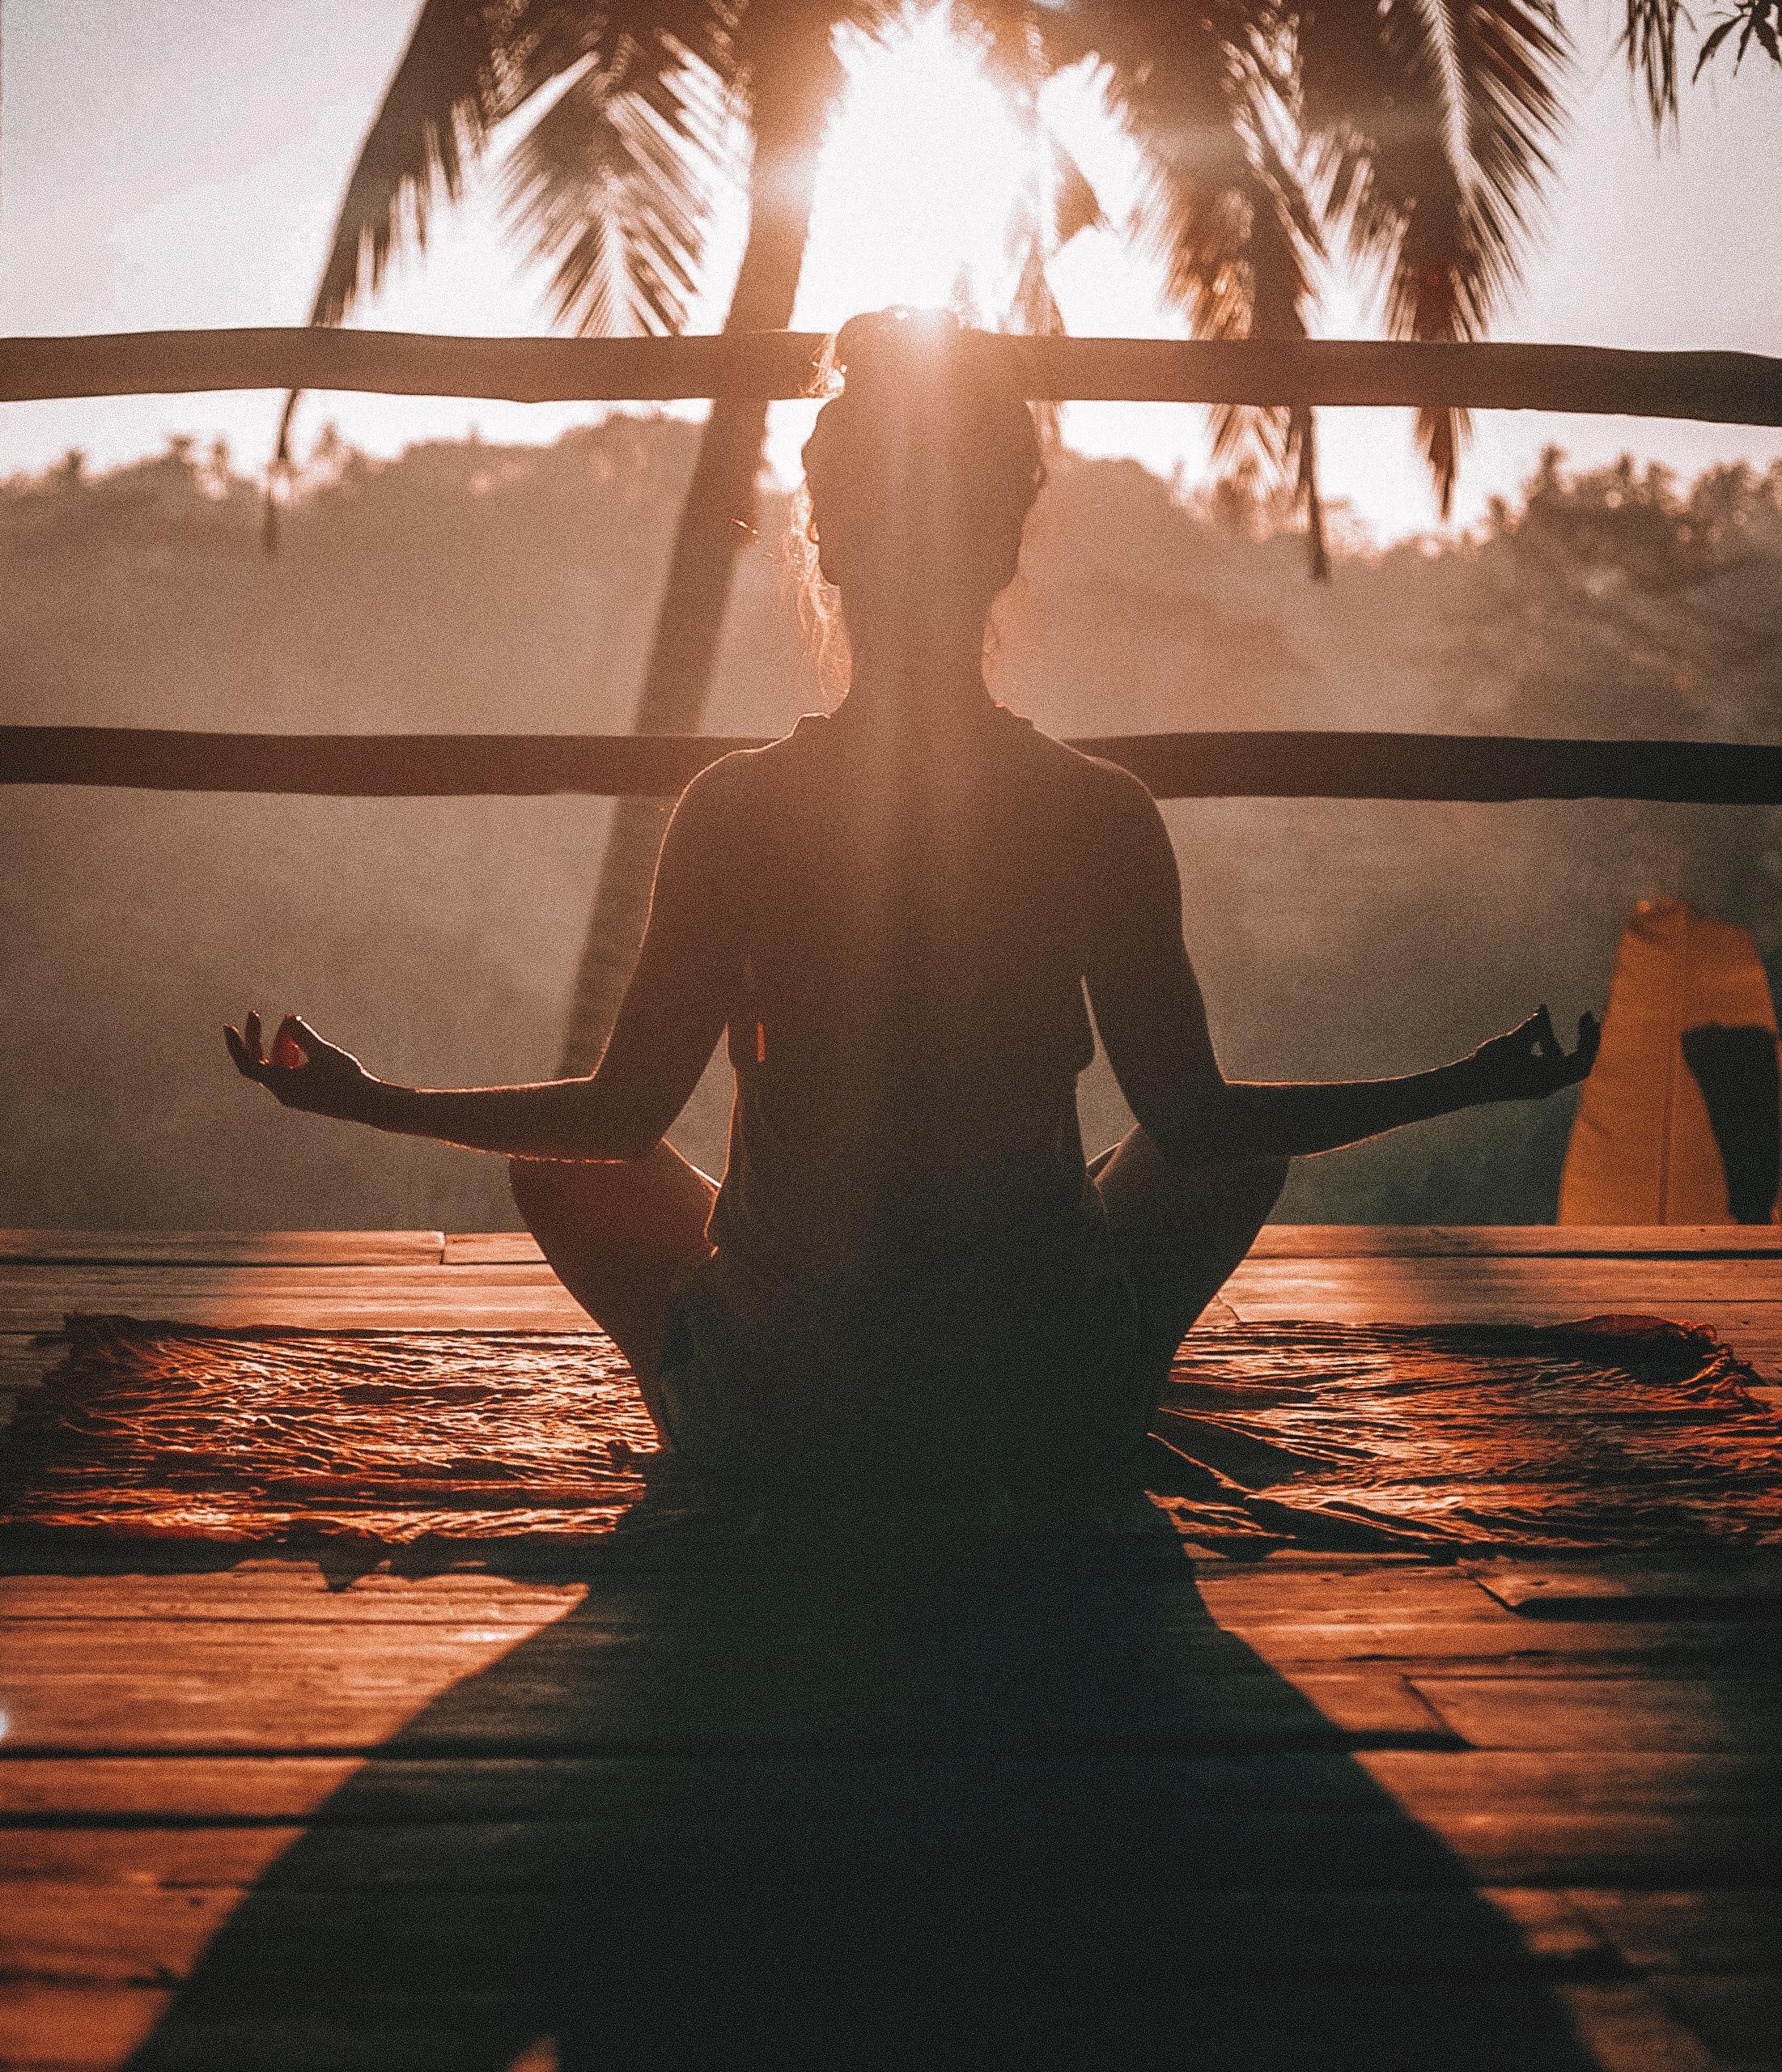 Pessoa praticando exercícios de relaxamento